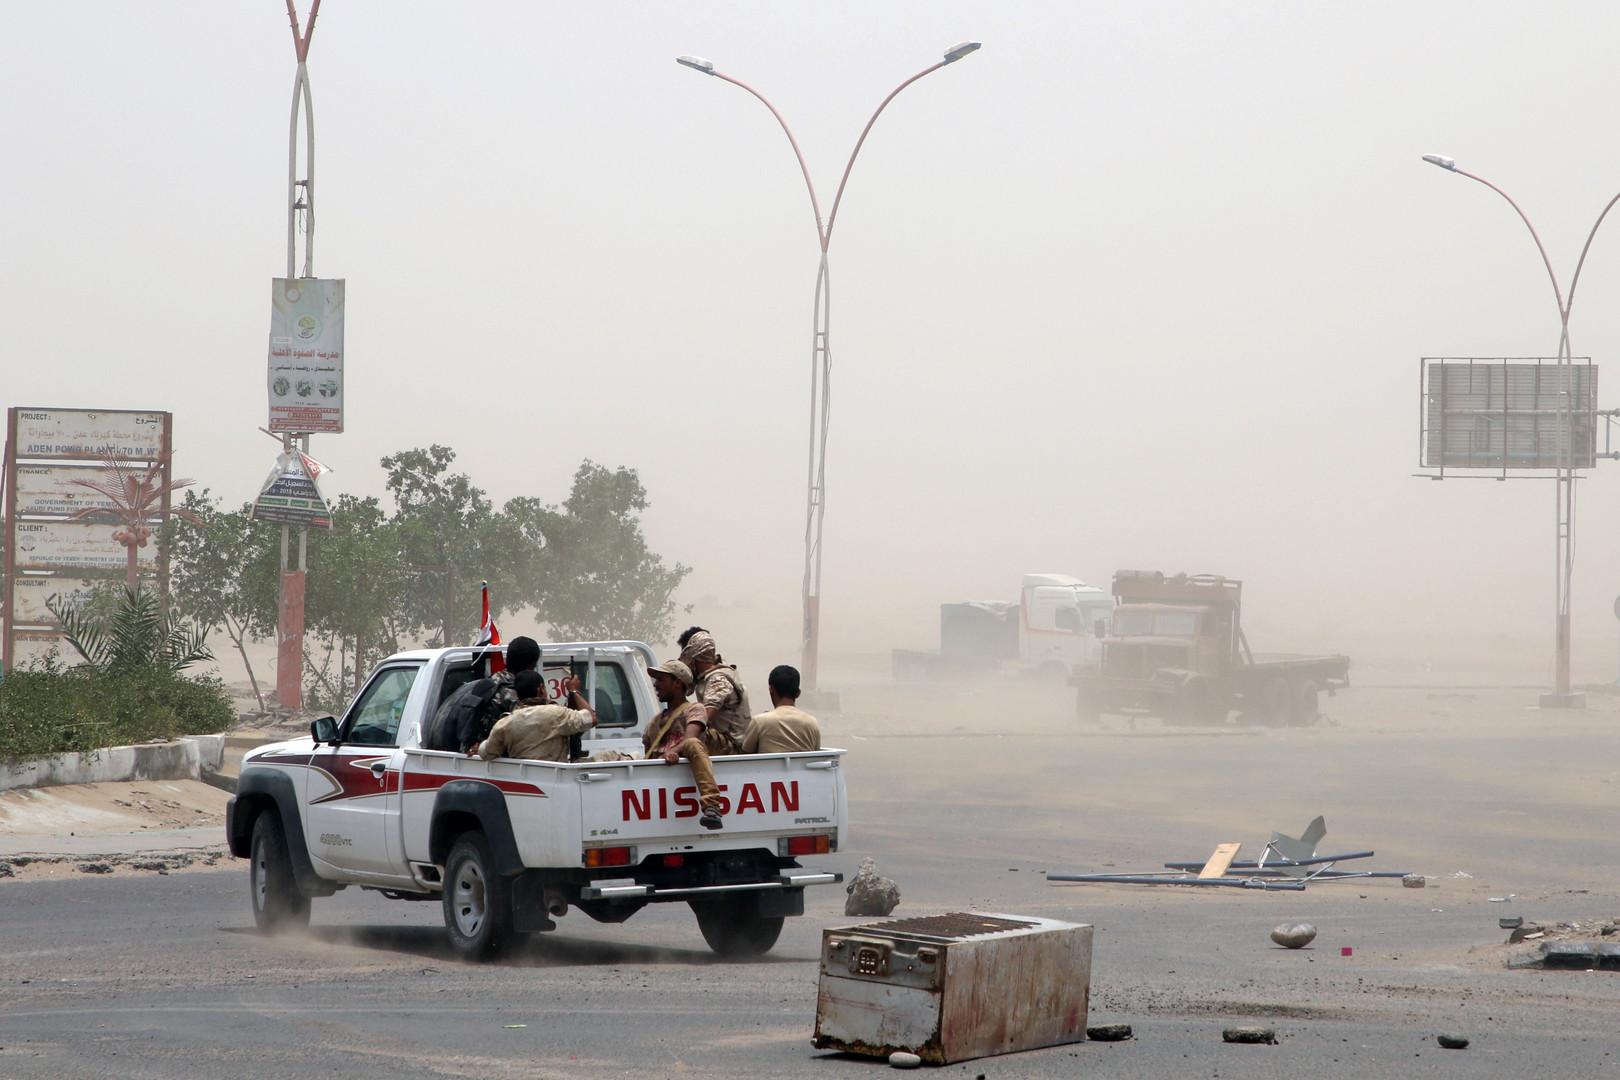 التحالف يلقي قنابل مضيئة فوق مواقع